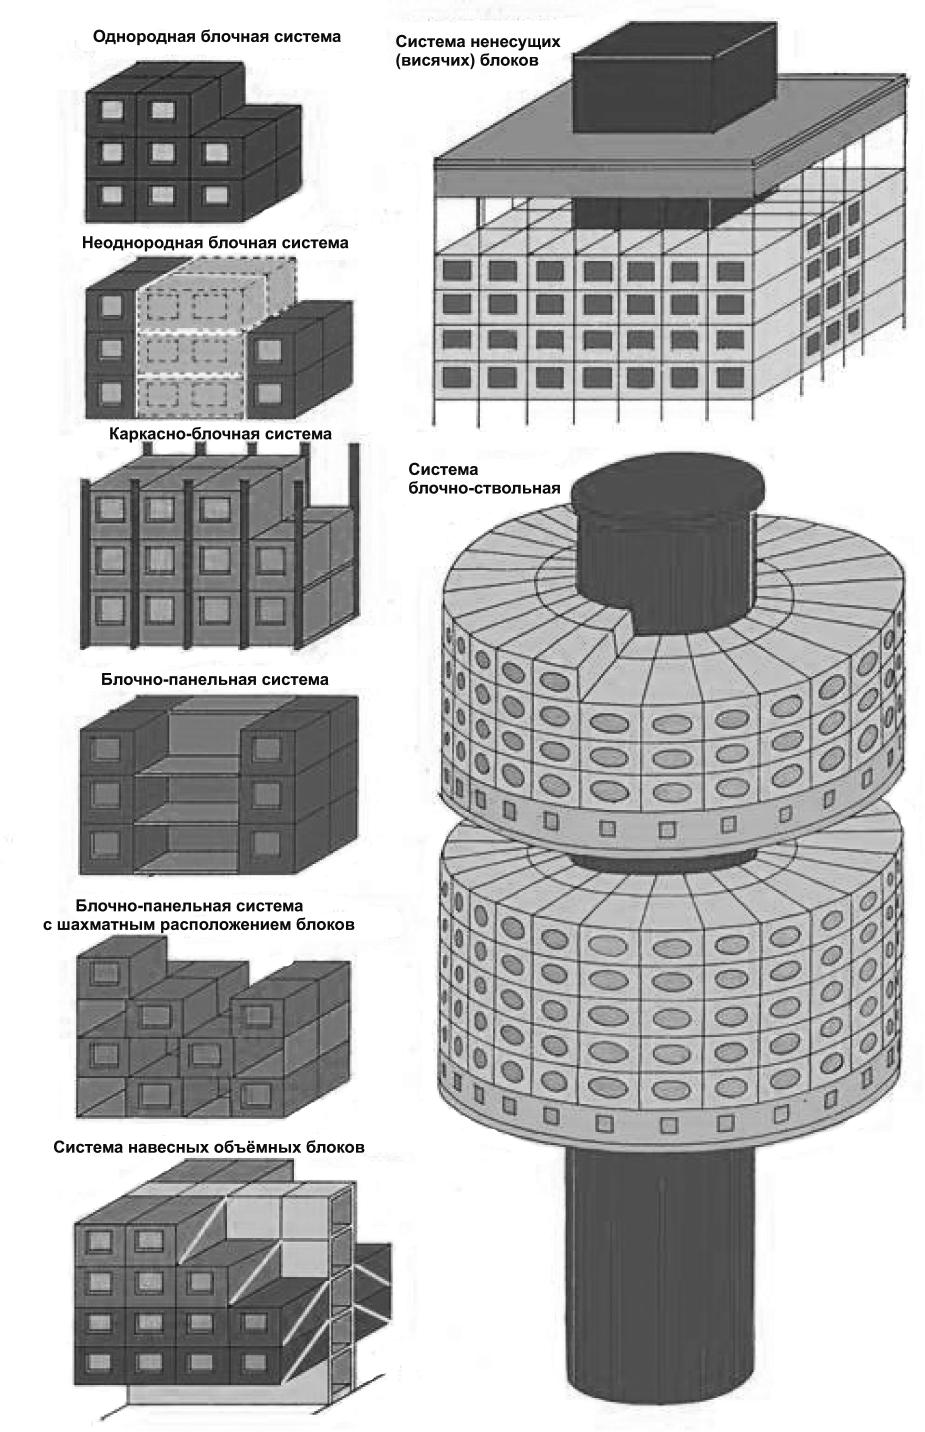 Конструктивные схемы объемно-блочных зданий